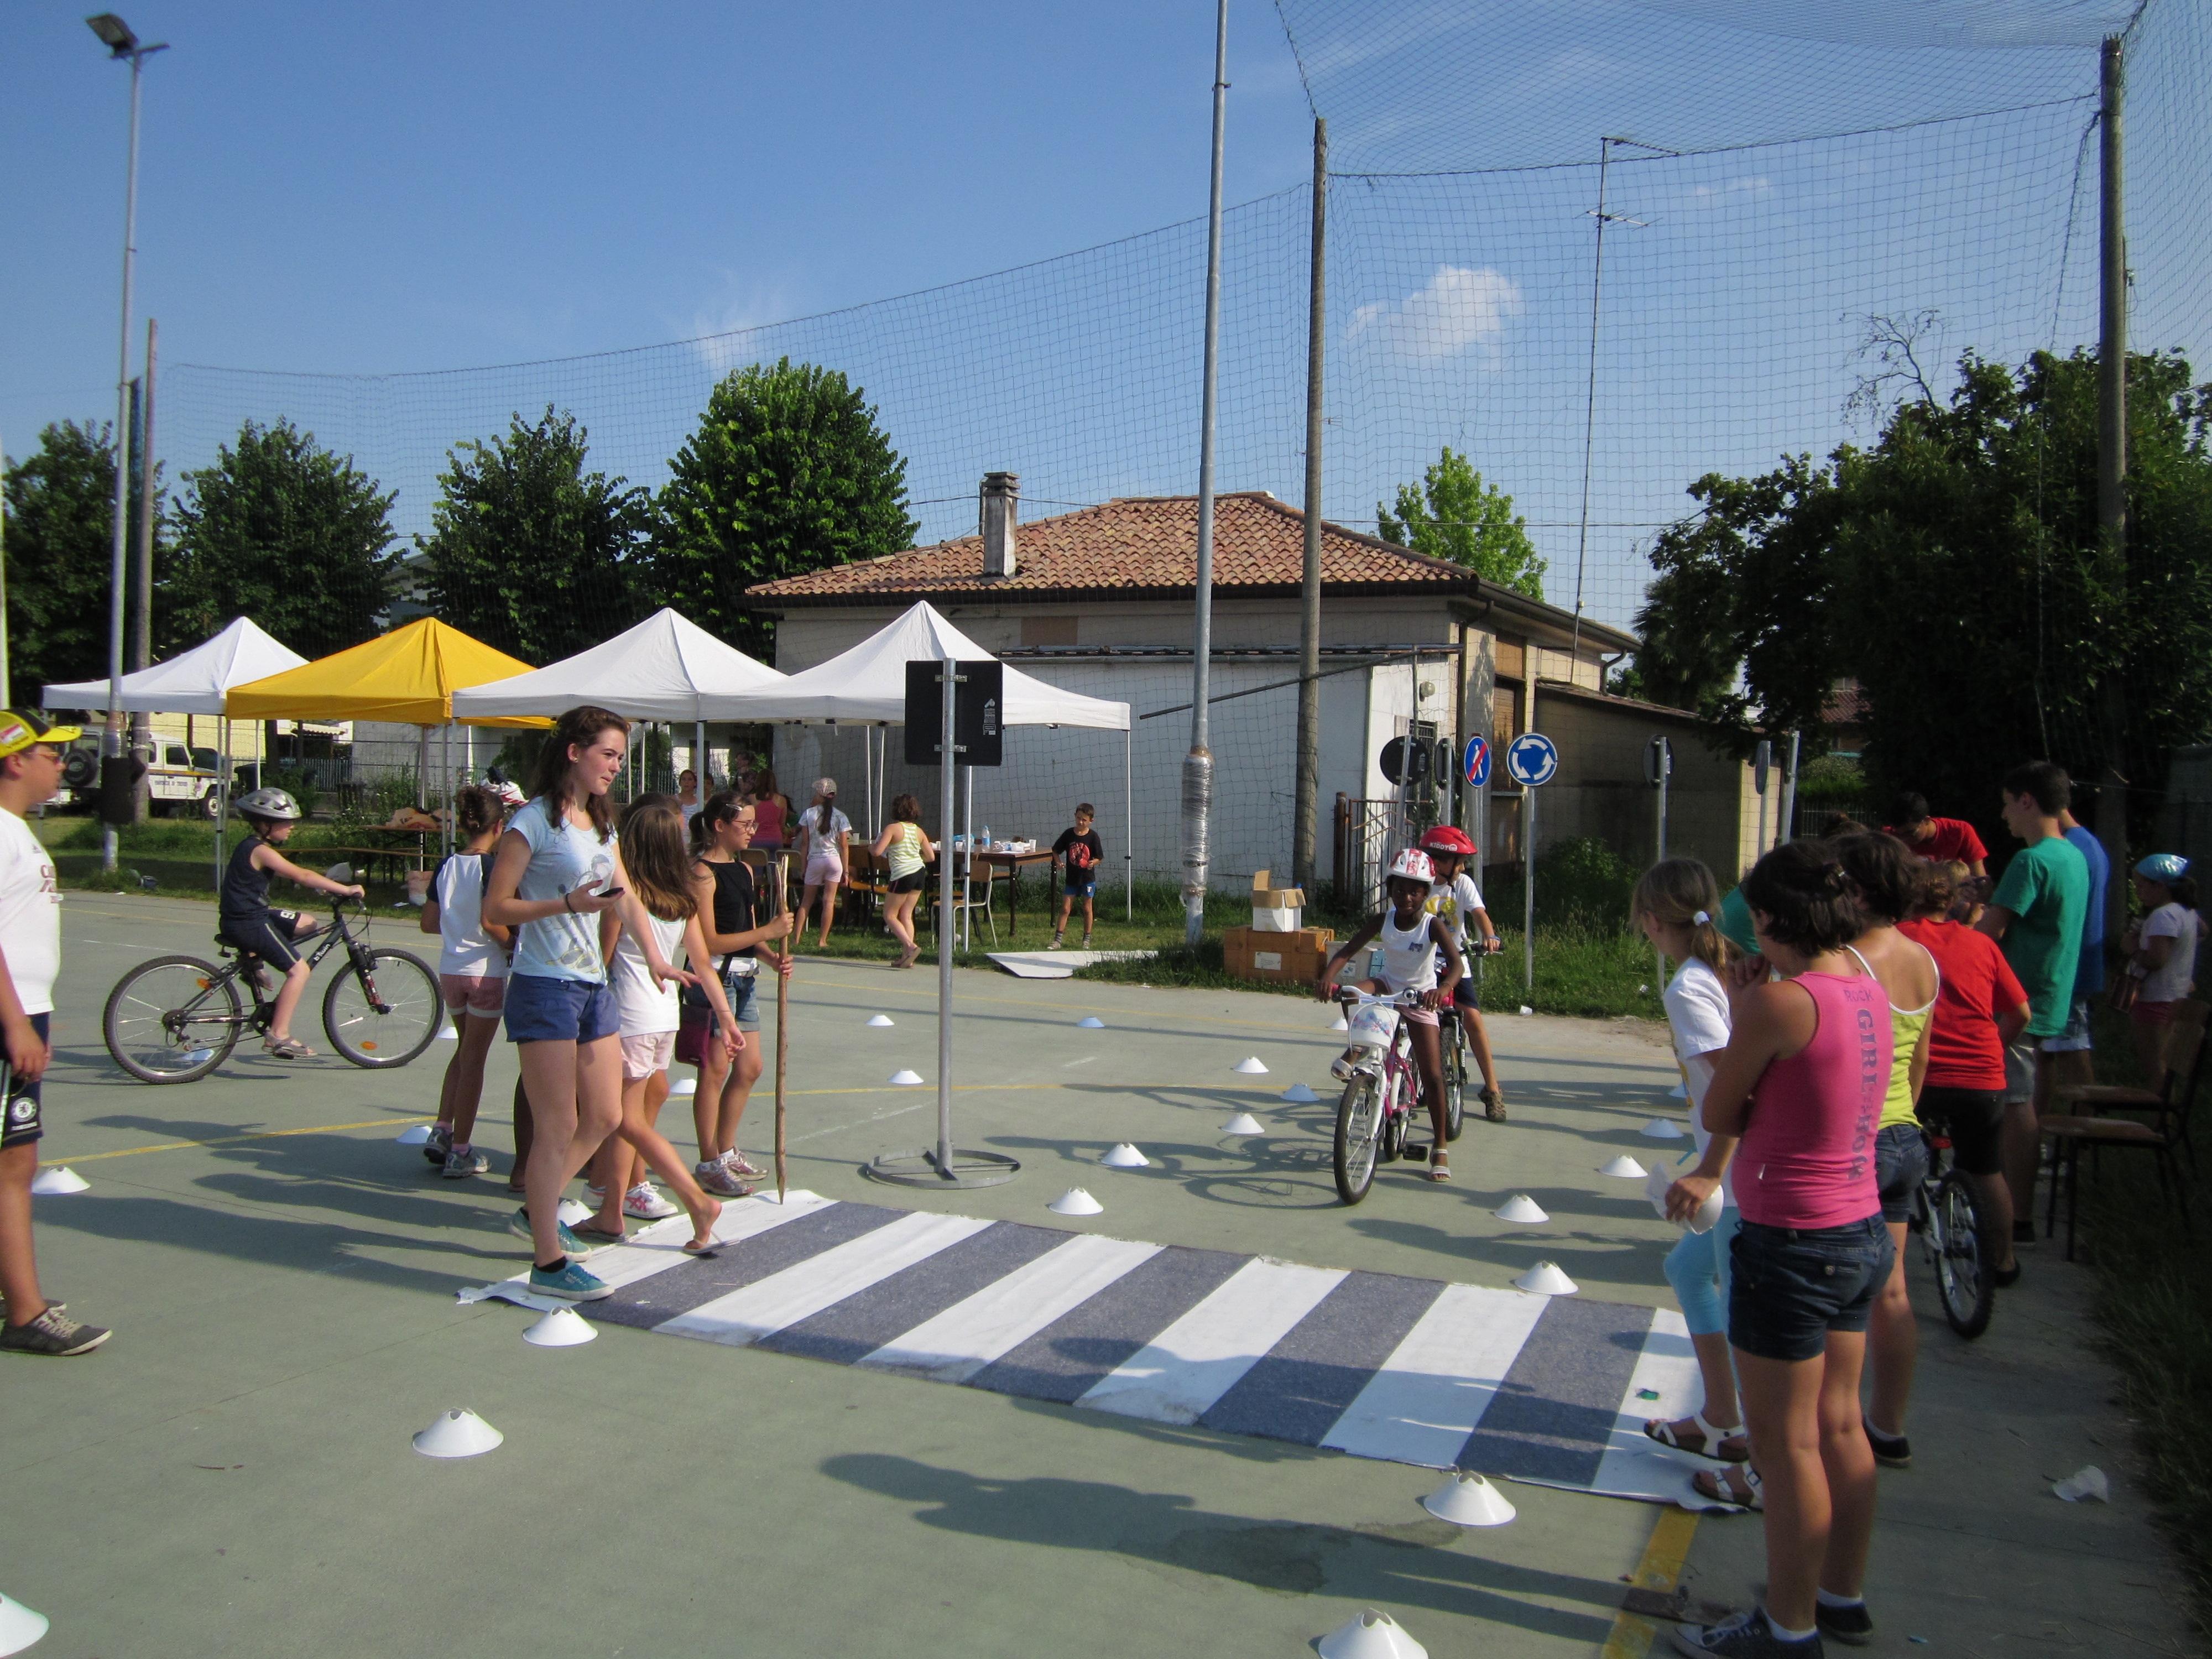 S. Maria sul Sile - Treviso